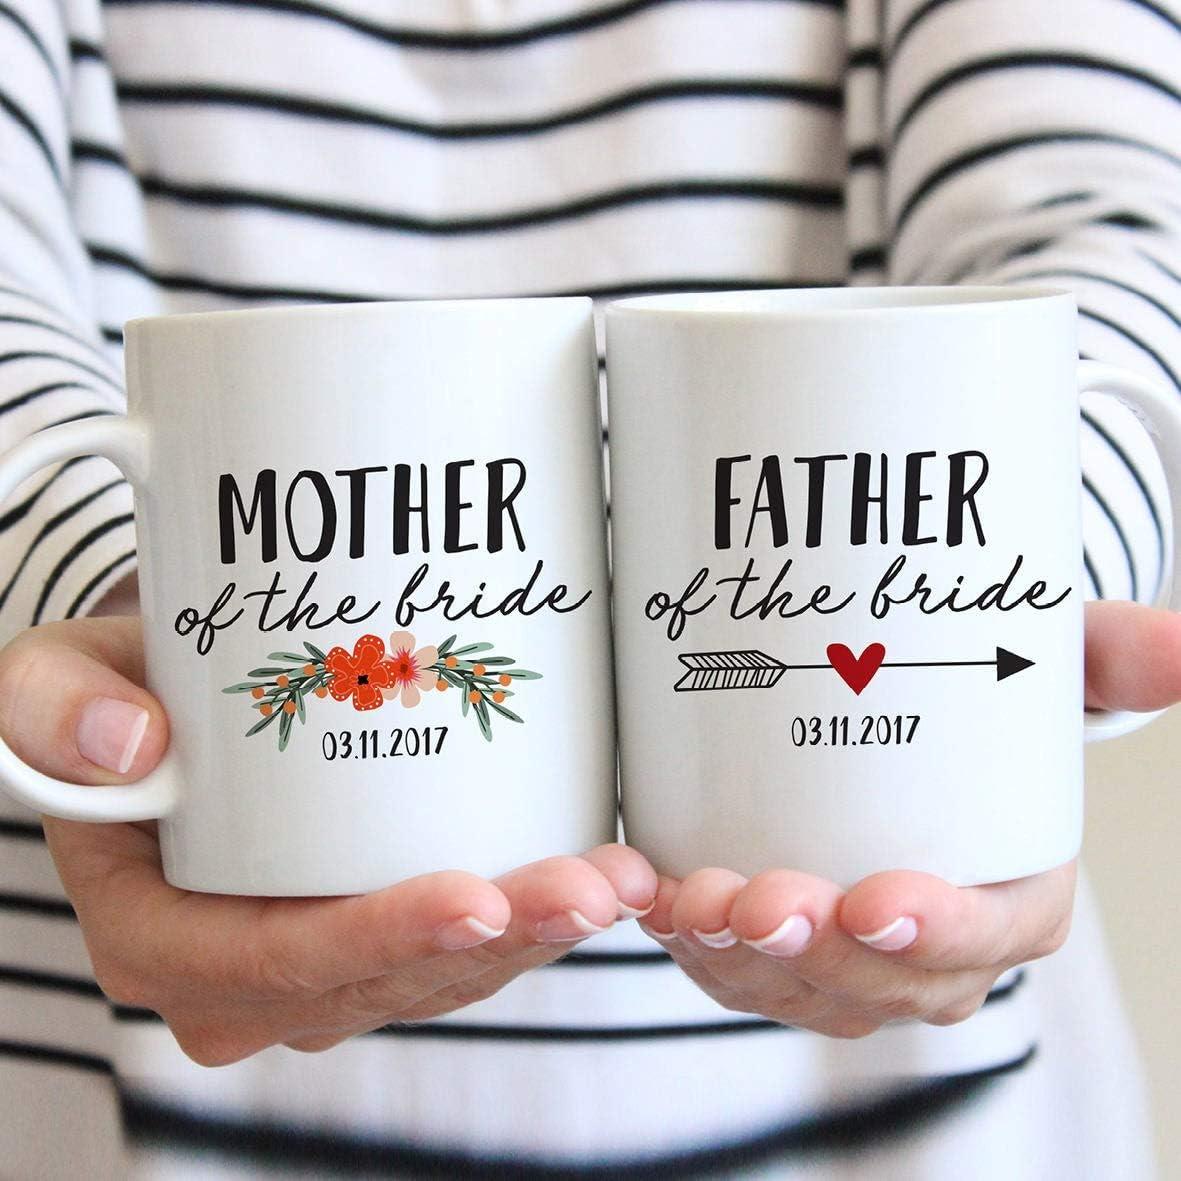 Brautmutter Tasse, Geschenk Brauteltern, Geschenke Eltern Hochzeit